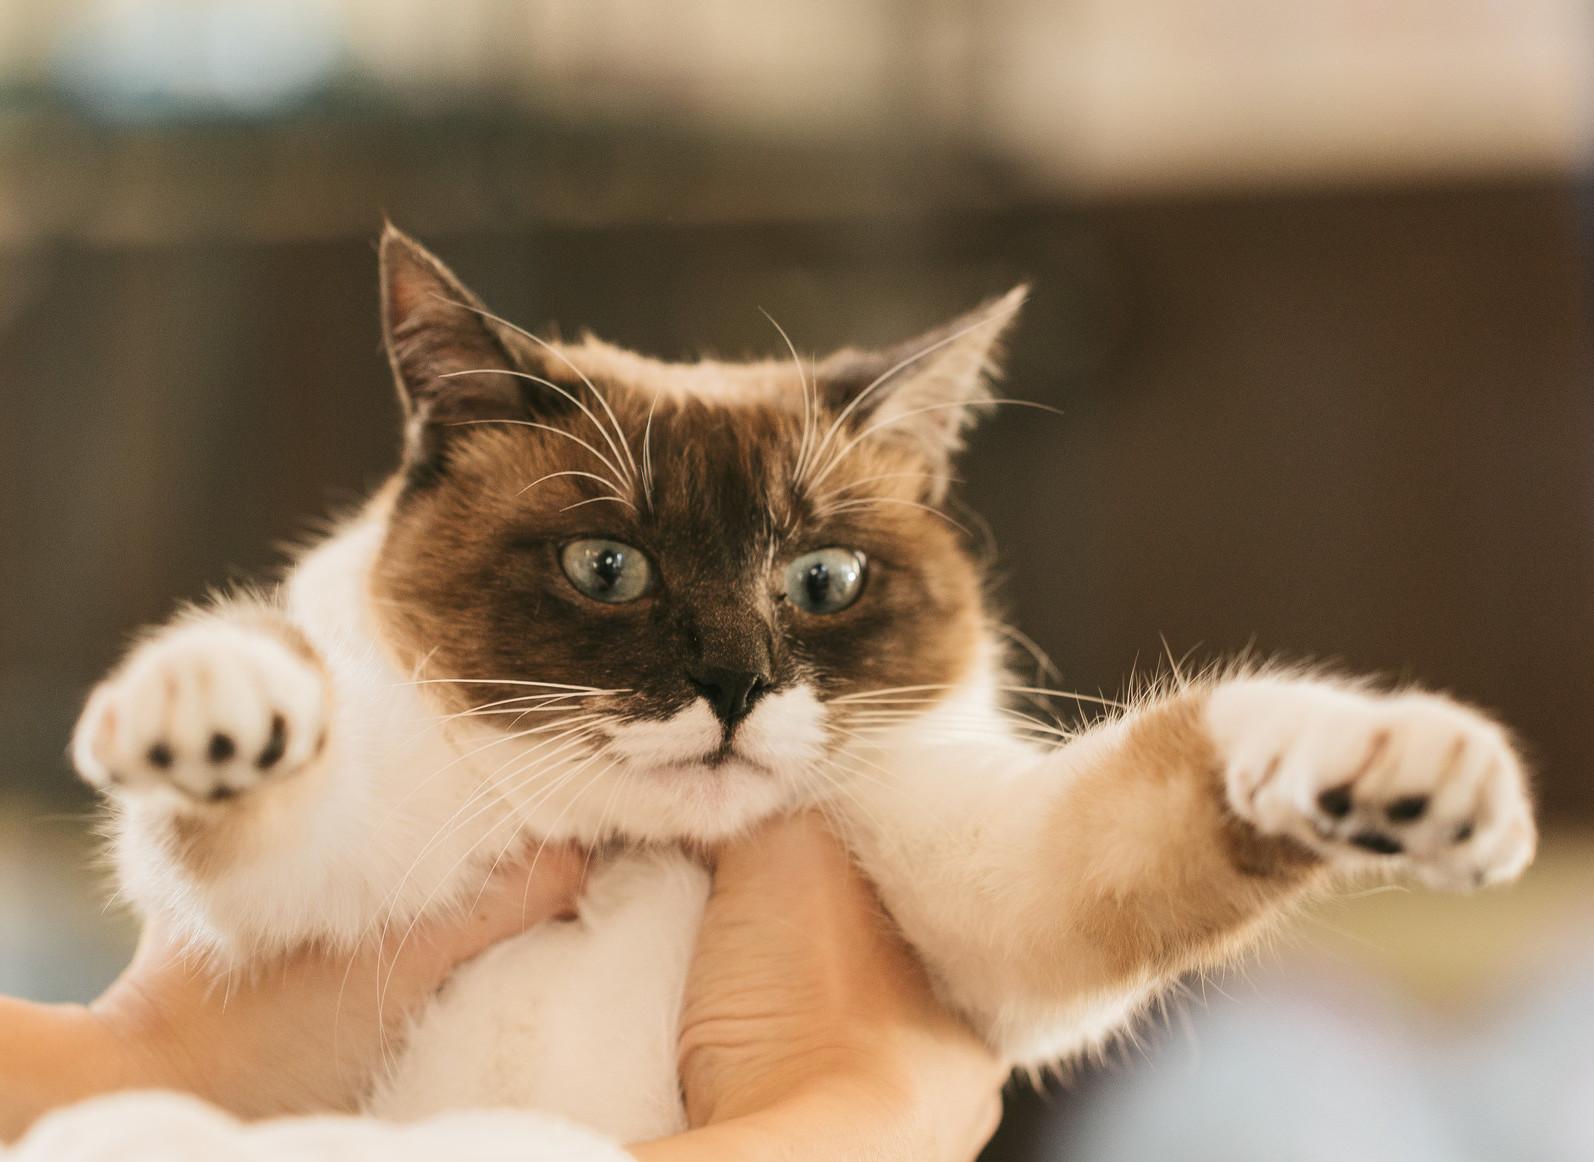 持ち上げられた猫